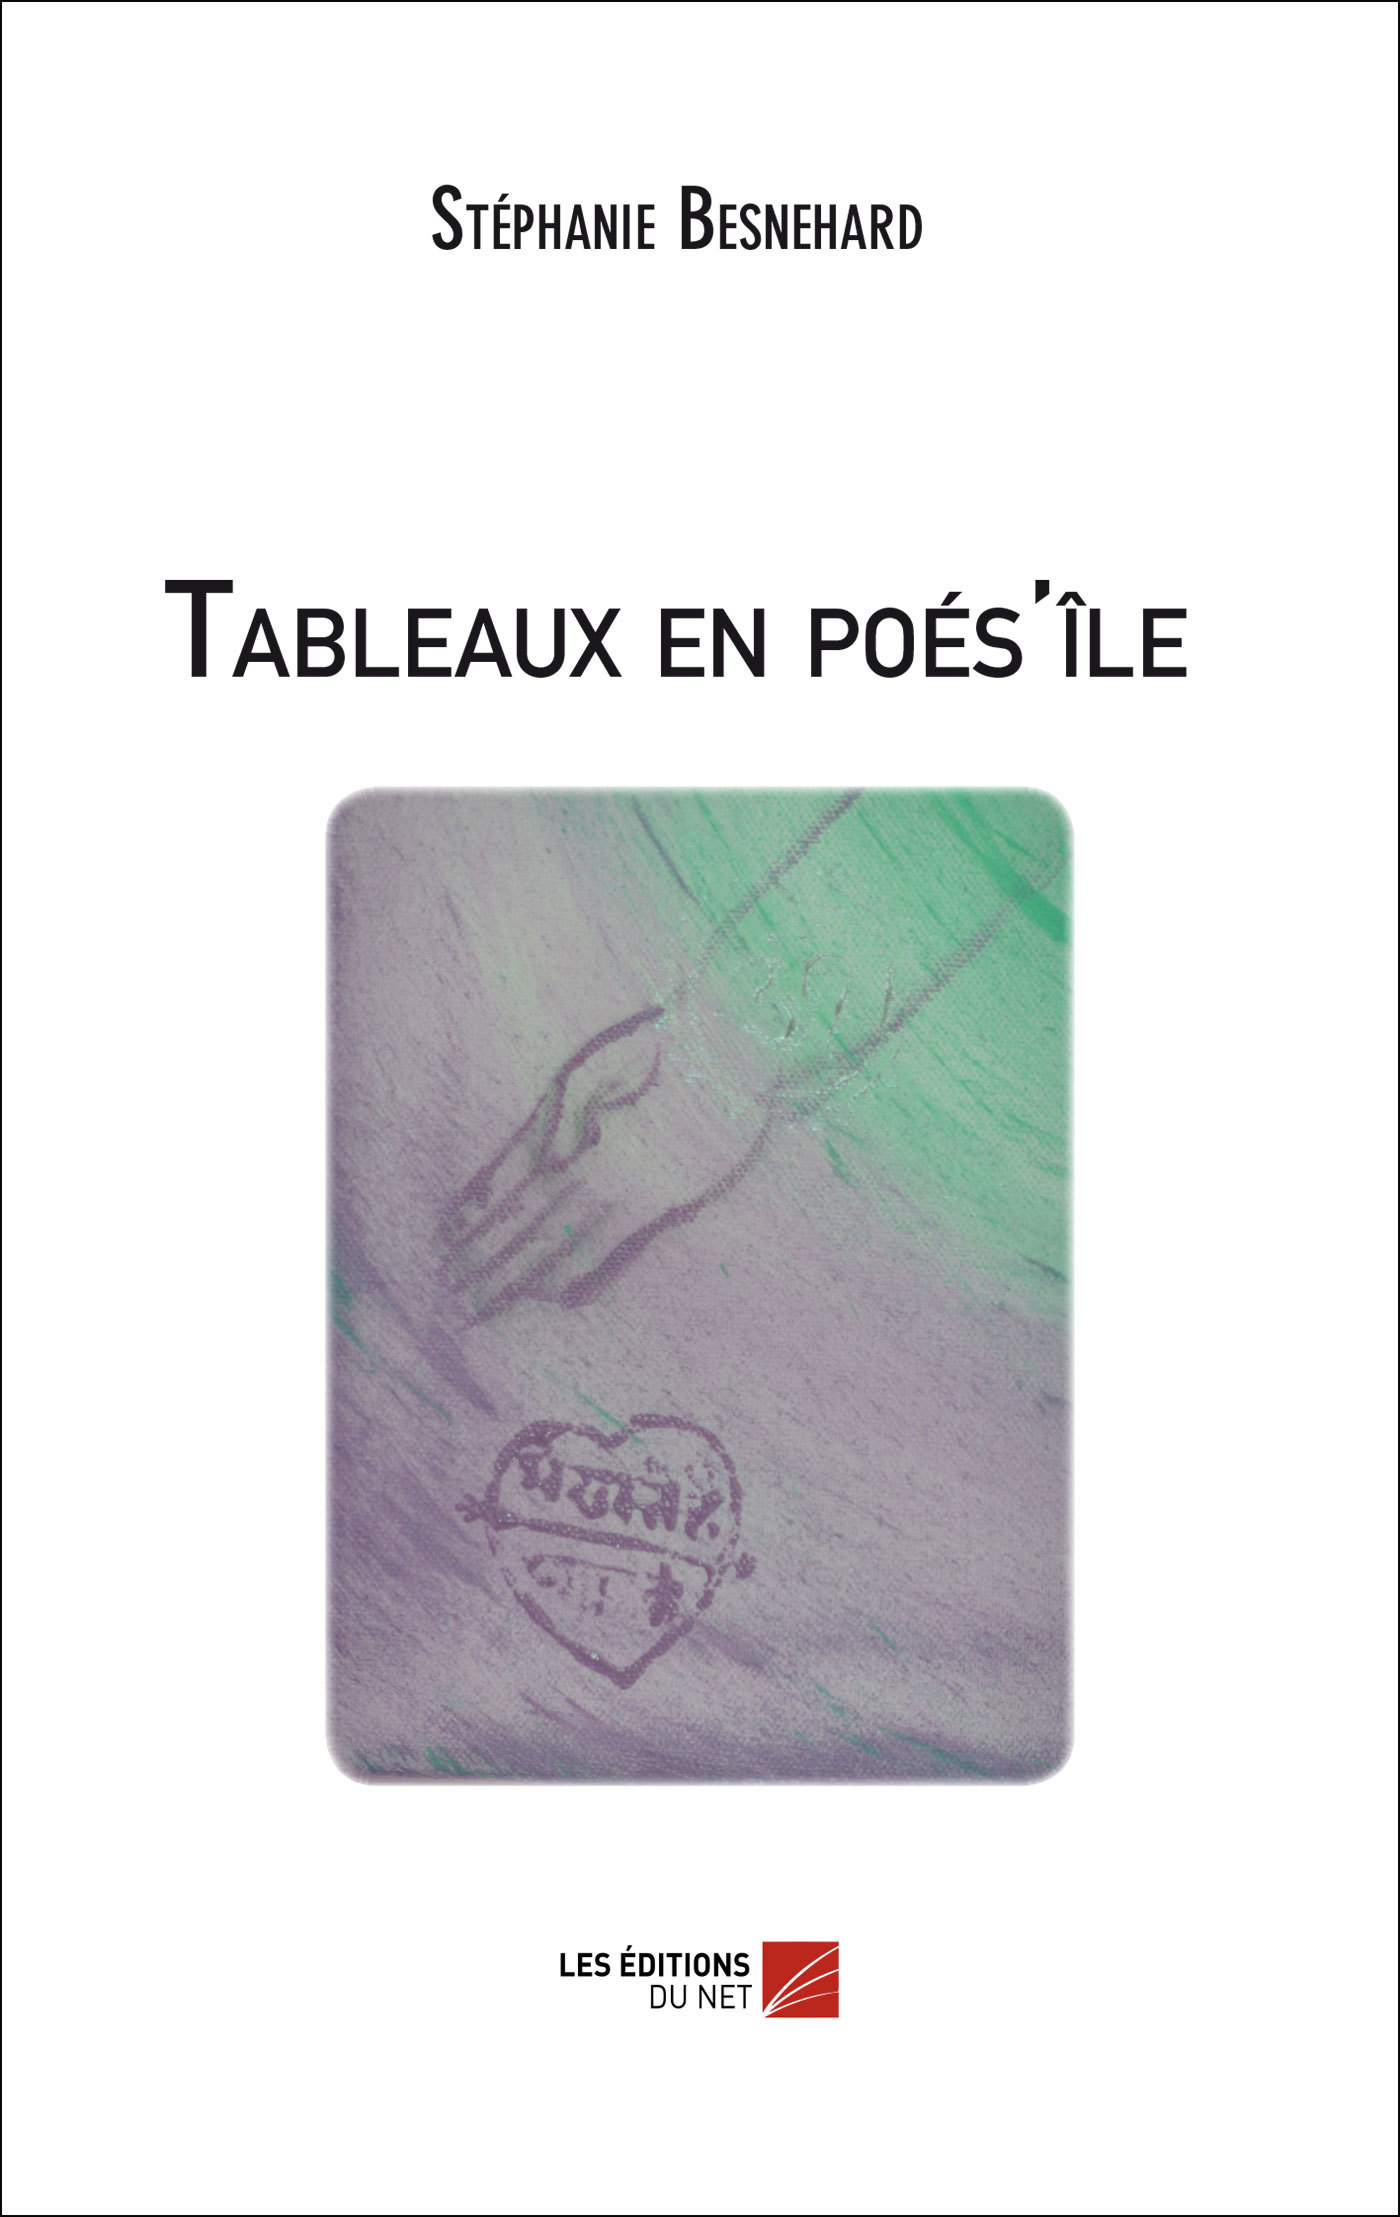 TABLEAUX EN POES'ILE